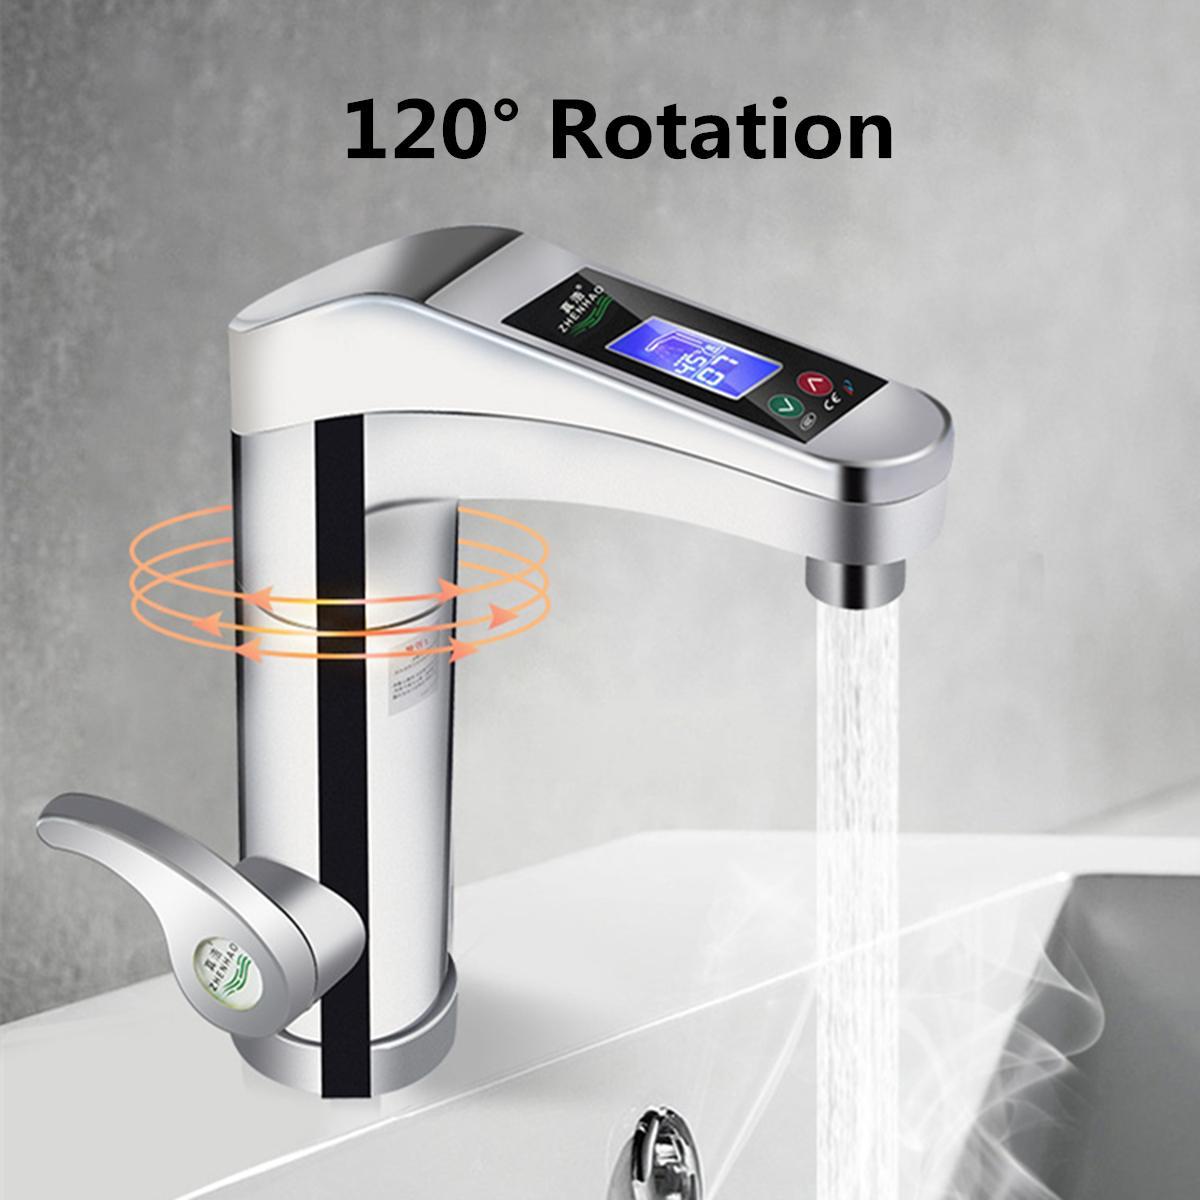 2019 LED robinet électrique robinet chauffe-eau instantané chaud eau froide robinet maison salle de bains cuisine chauffage fournitures 220 V 2 couleurs